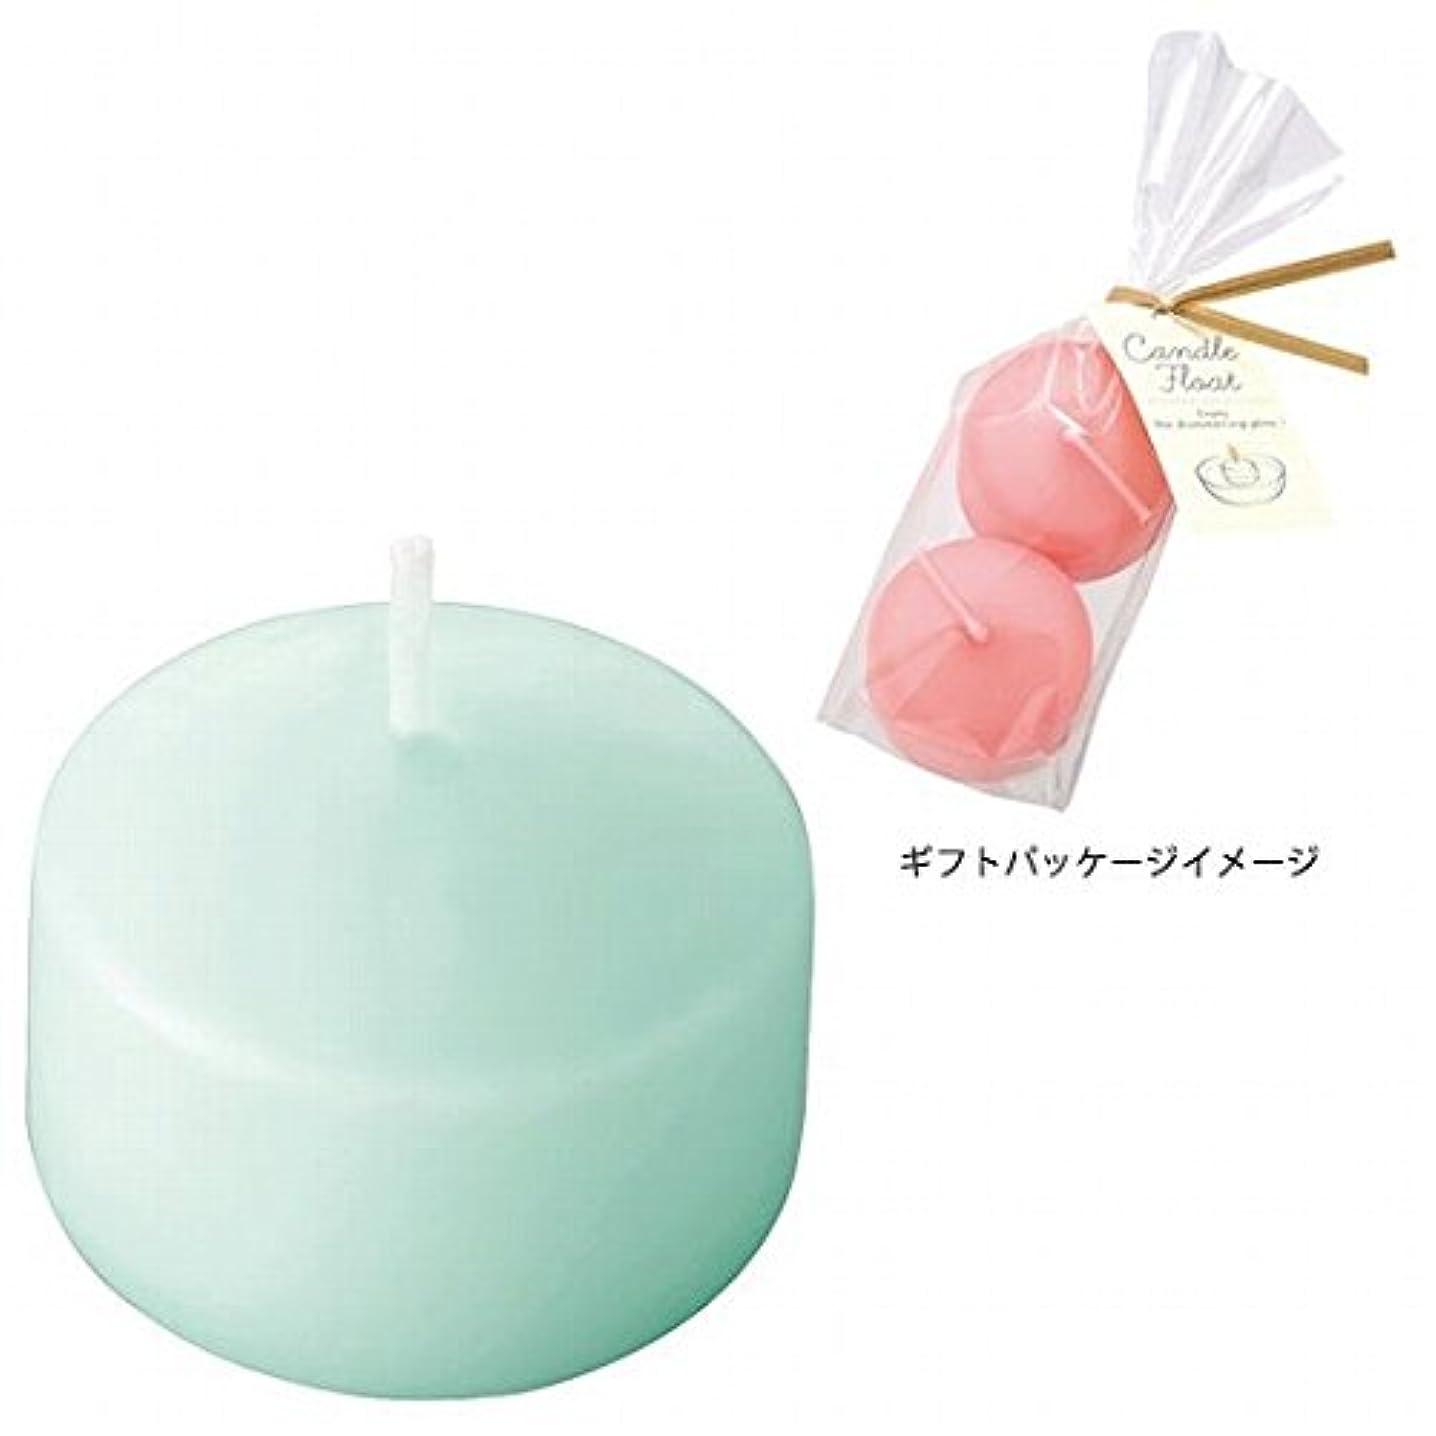 起きろ機構遠征カメヤマキャンドル( kameyama candle ) ハッピープール(2個入り) キャンドル 「ライトブルー」